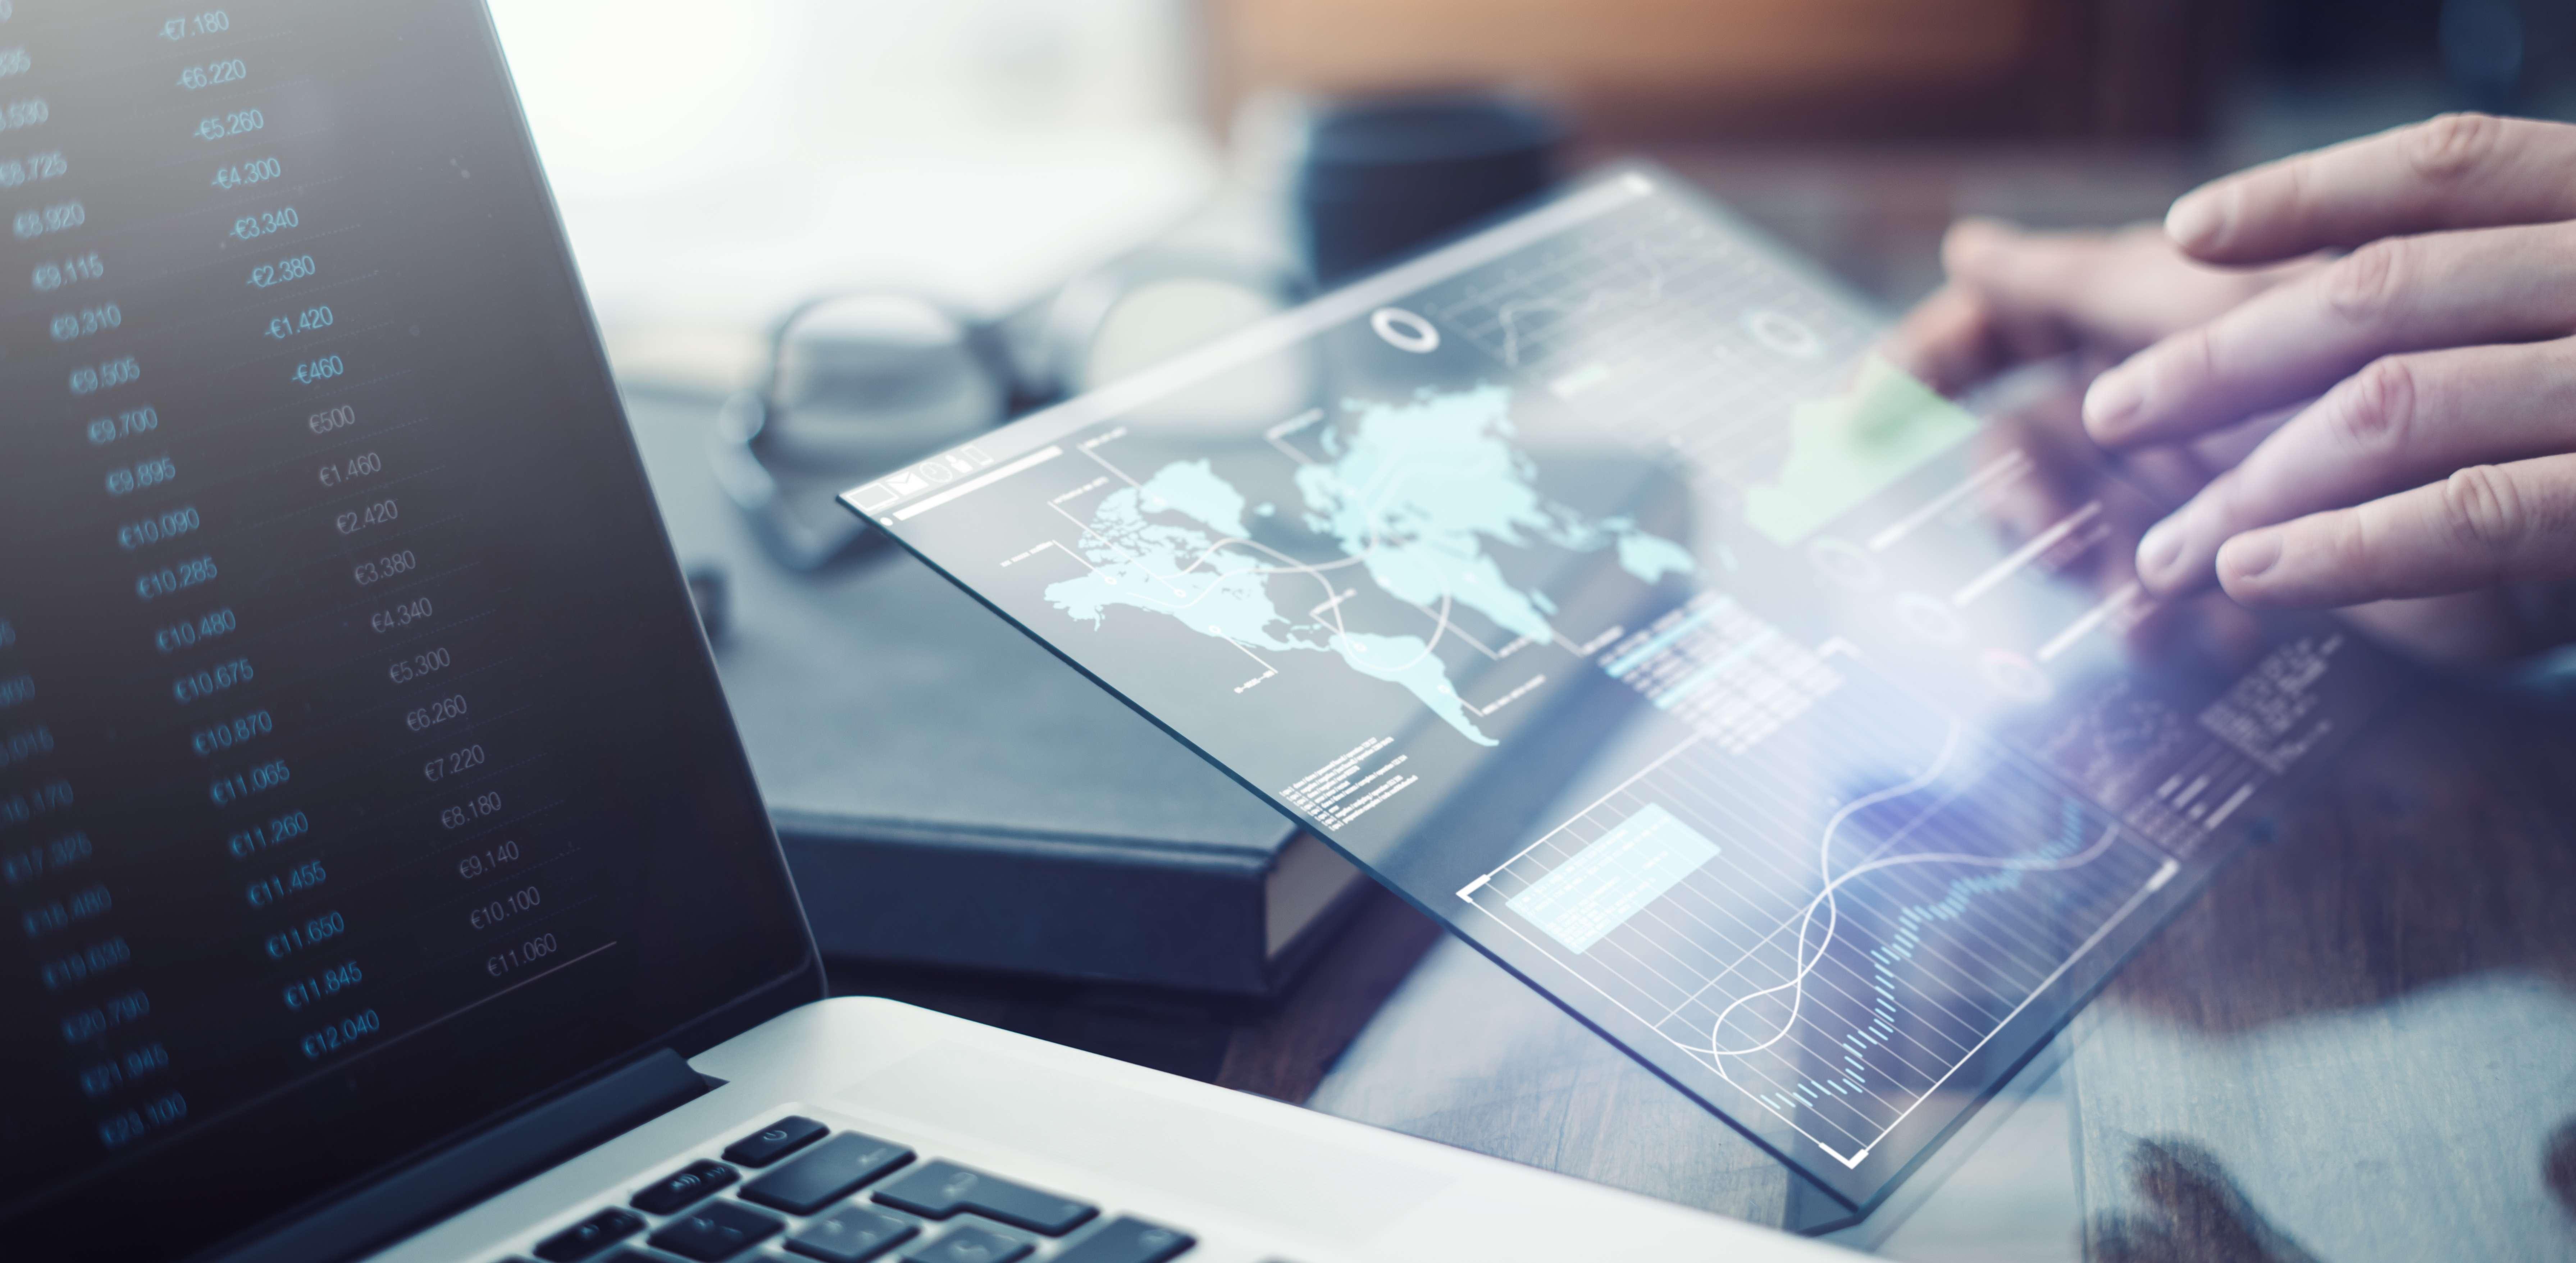 Warum Digitalisierung?